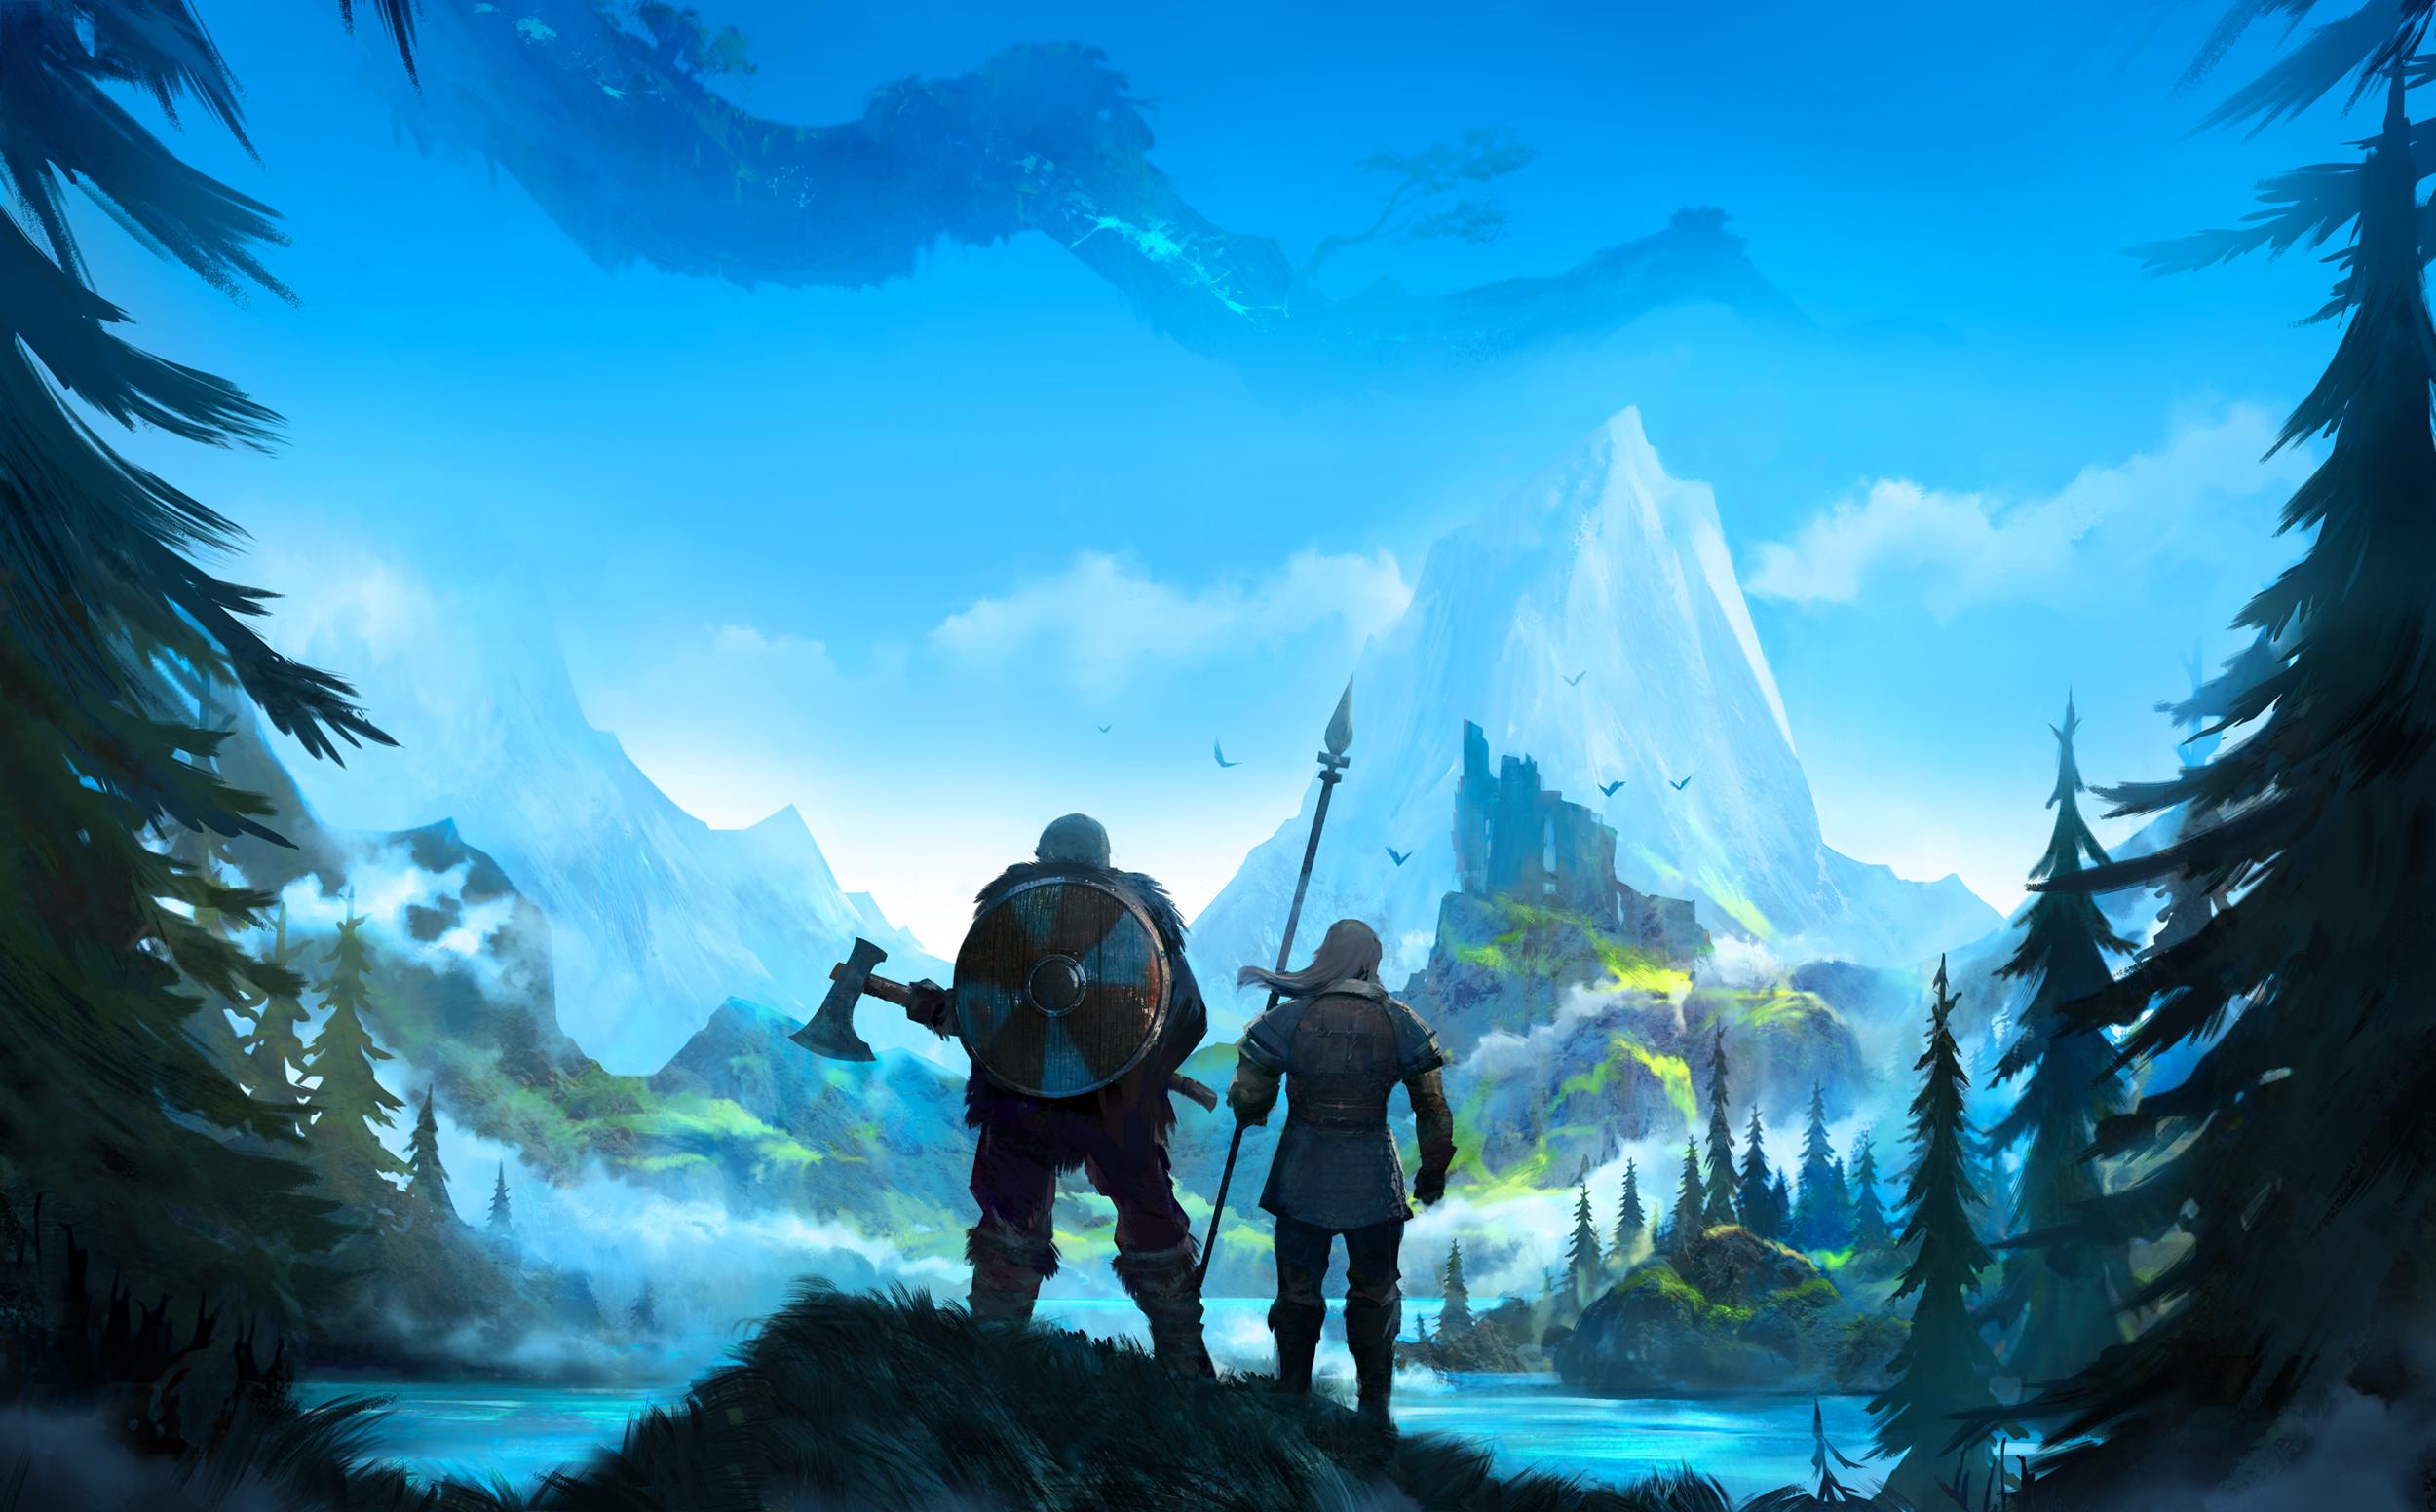 Valheim: o jogo de sobrevivência viking que é a nova febre de 2021. Ainda em early access, valheim é a prova viva de que um lançamento de 2021 não precisa de gráficos ultrarrealistas para fazer sucesso